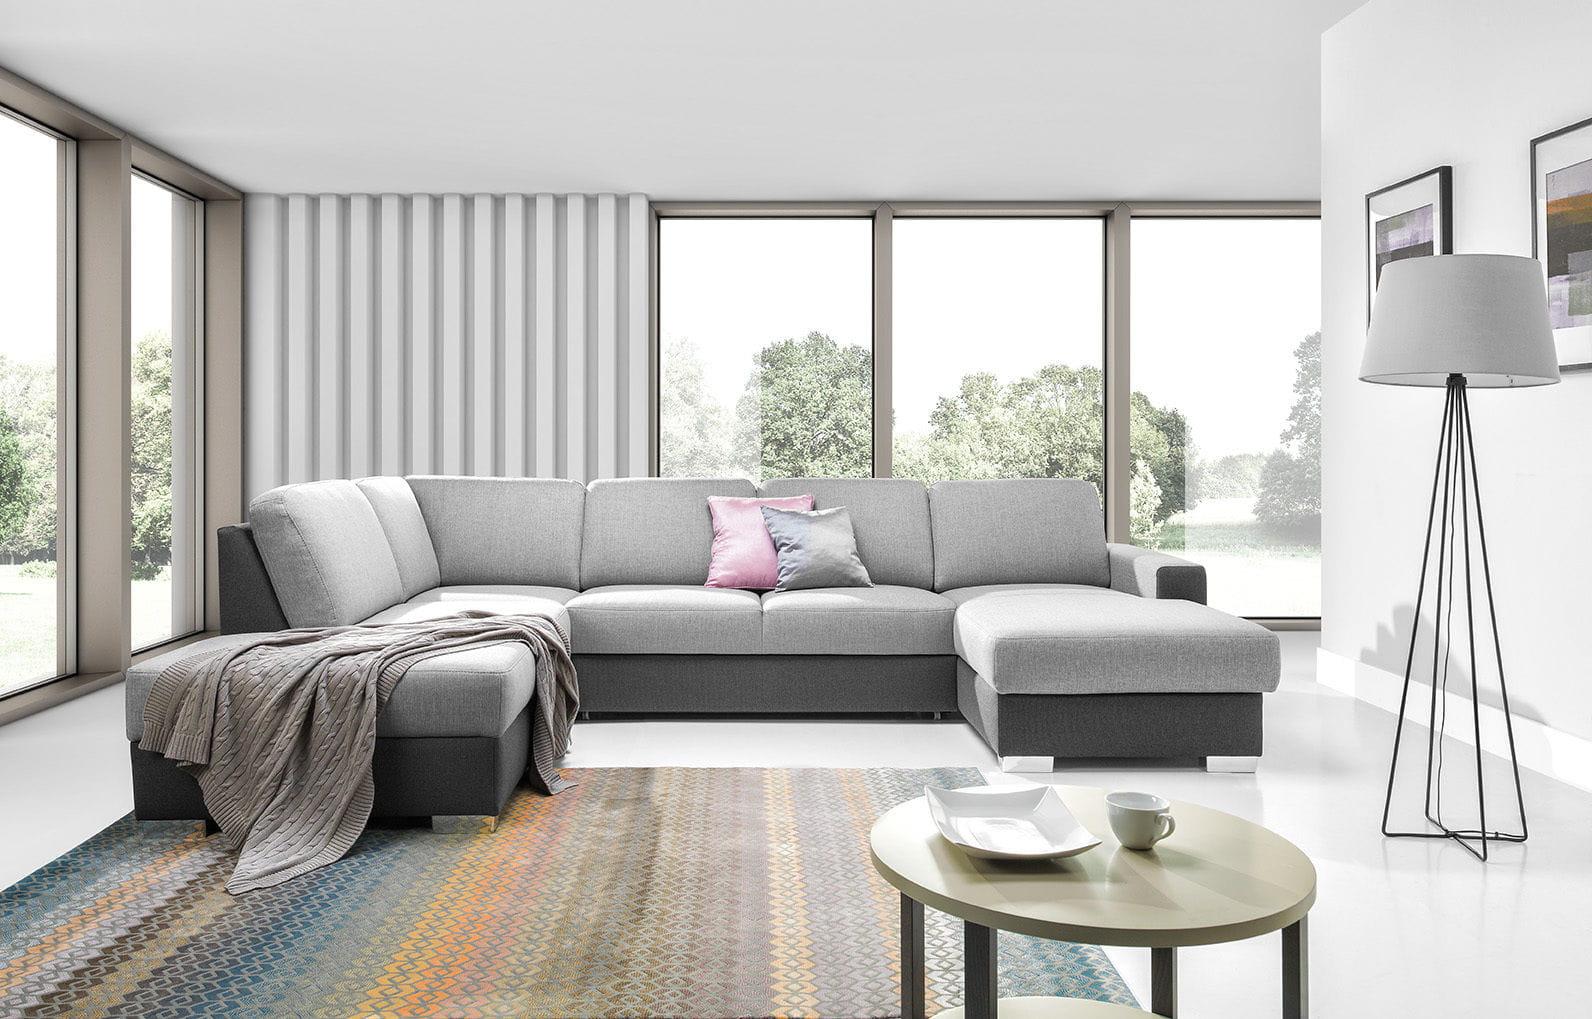 eckgarnitur top deine moebel 24 einfach einrichten. Black Bedroom Furniture Sets. Home Design Ideas